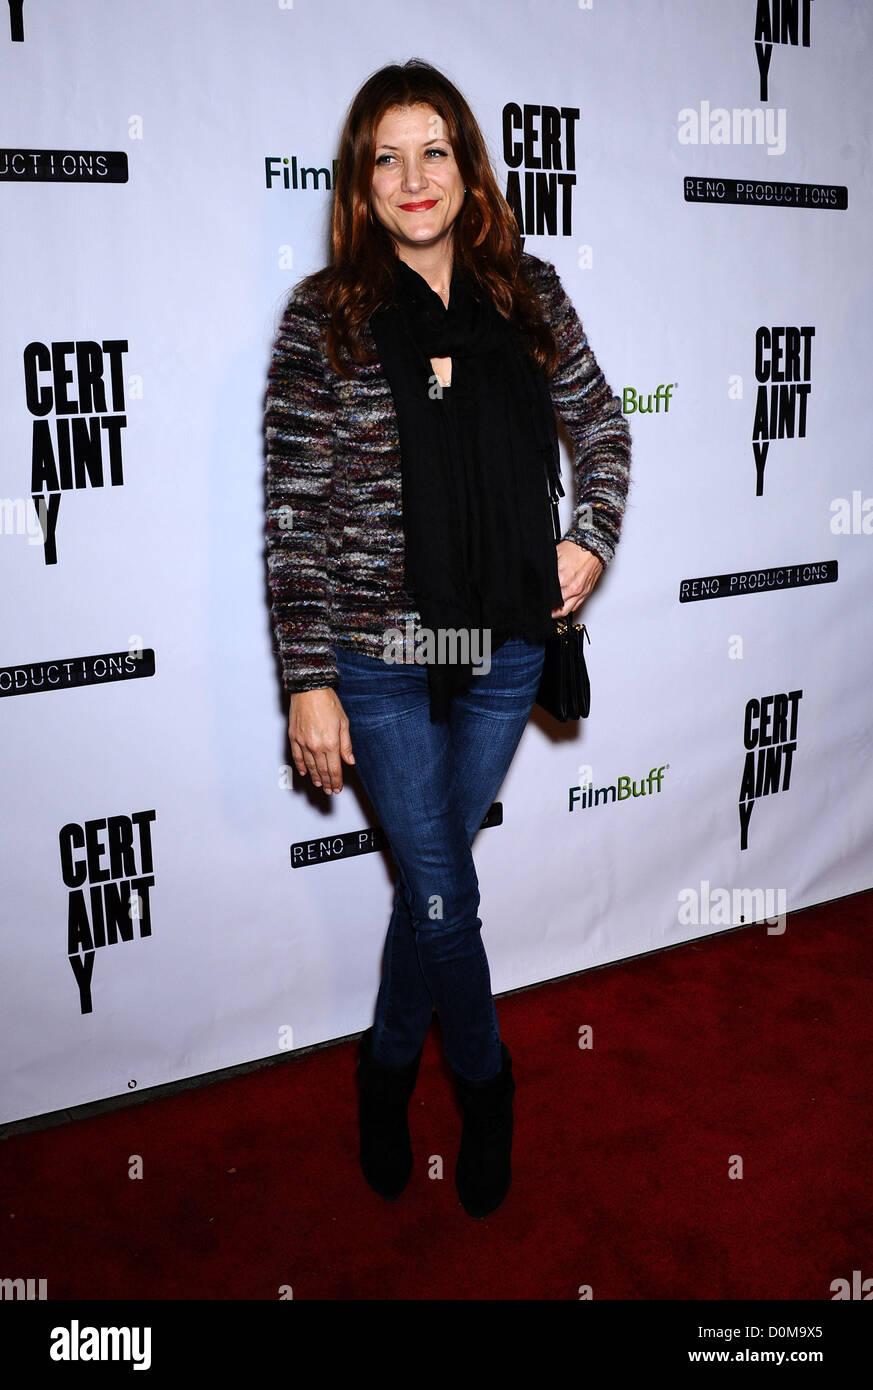 Le 26 novembre 2012 - Los Angeles, Californie, États-Unis - Kate Walsh arrive pour la première du film Photo Stock